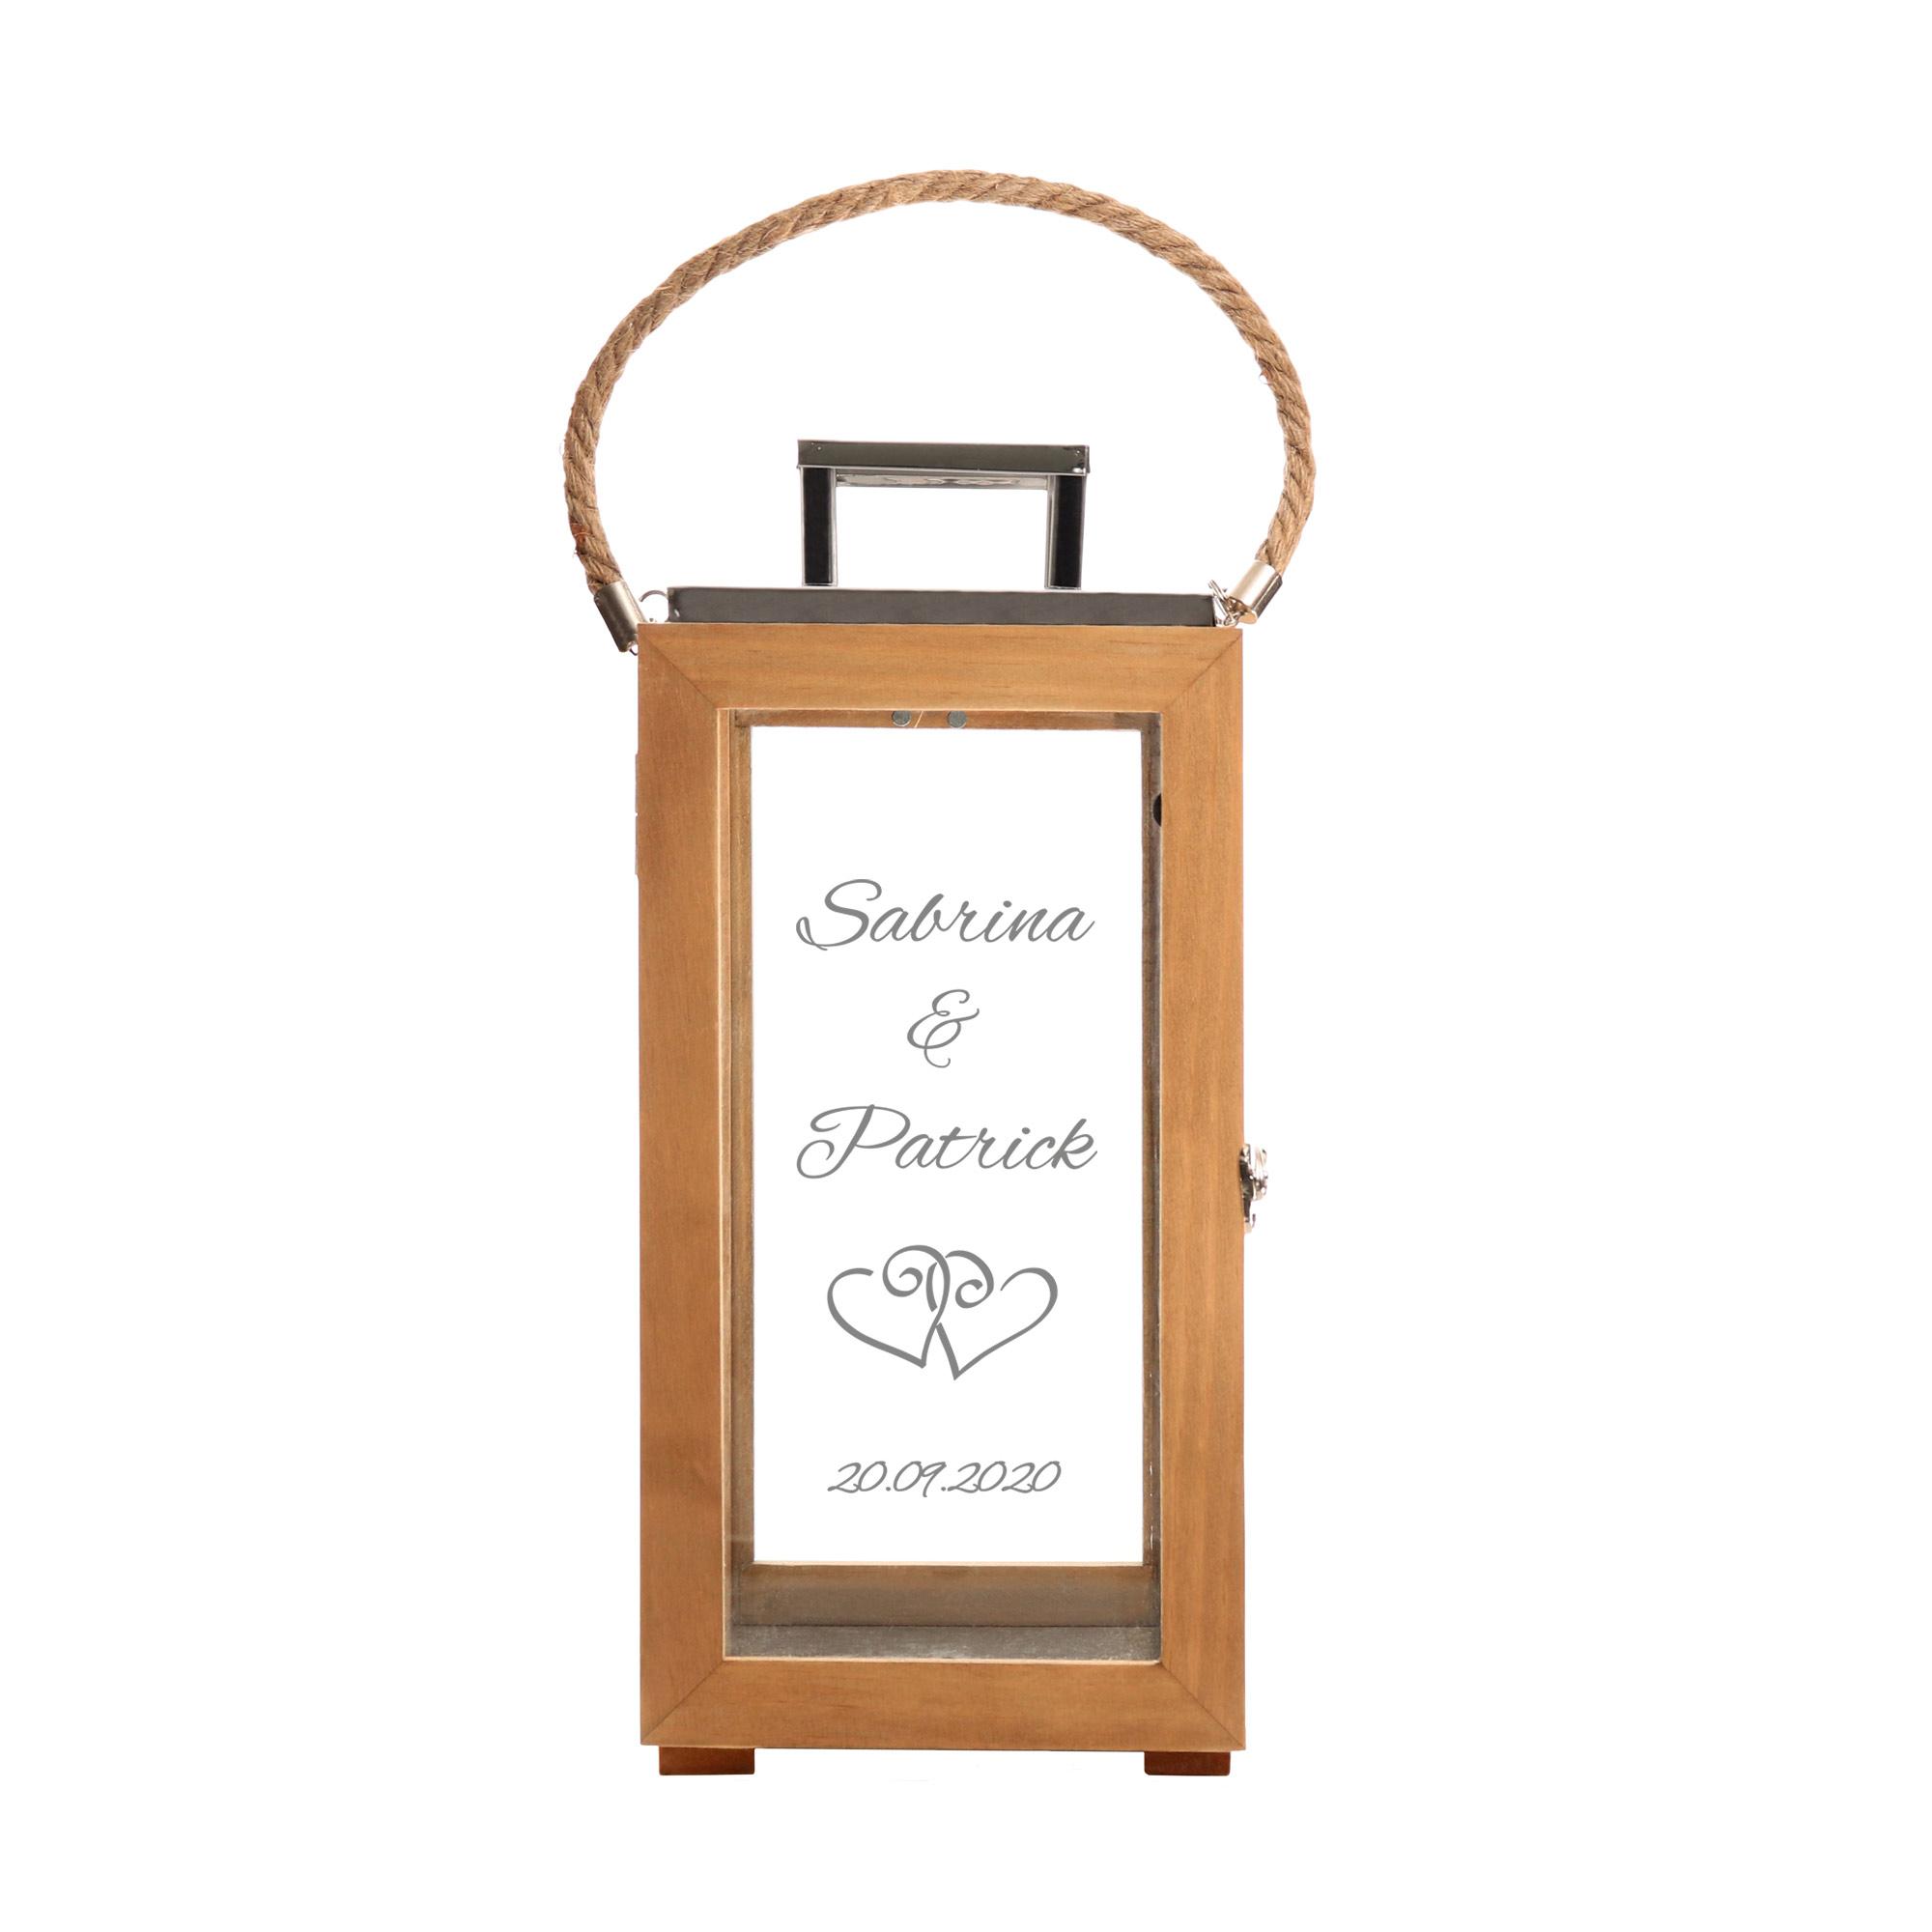 Laterne aus Holz - Graviert mit Herzen - Personalisiert